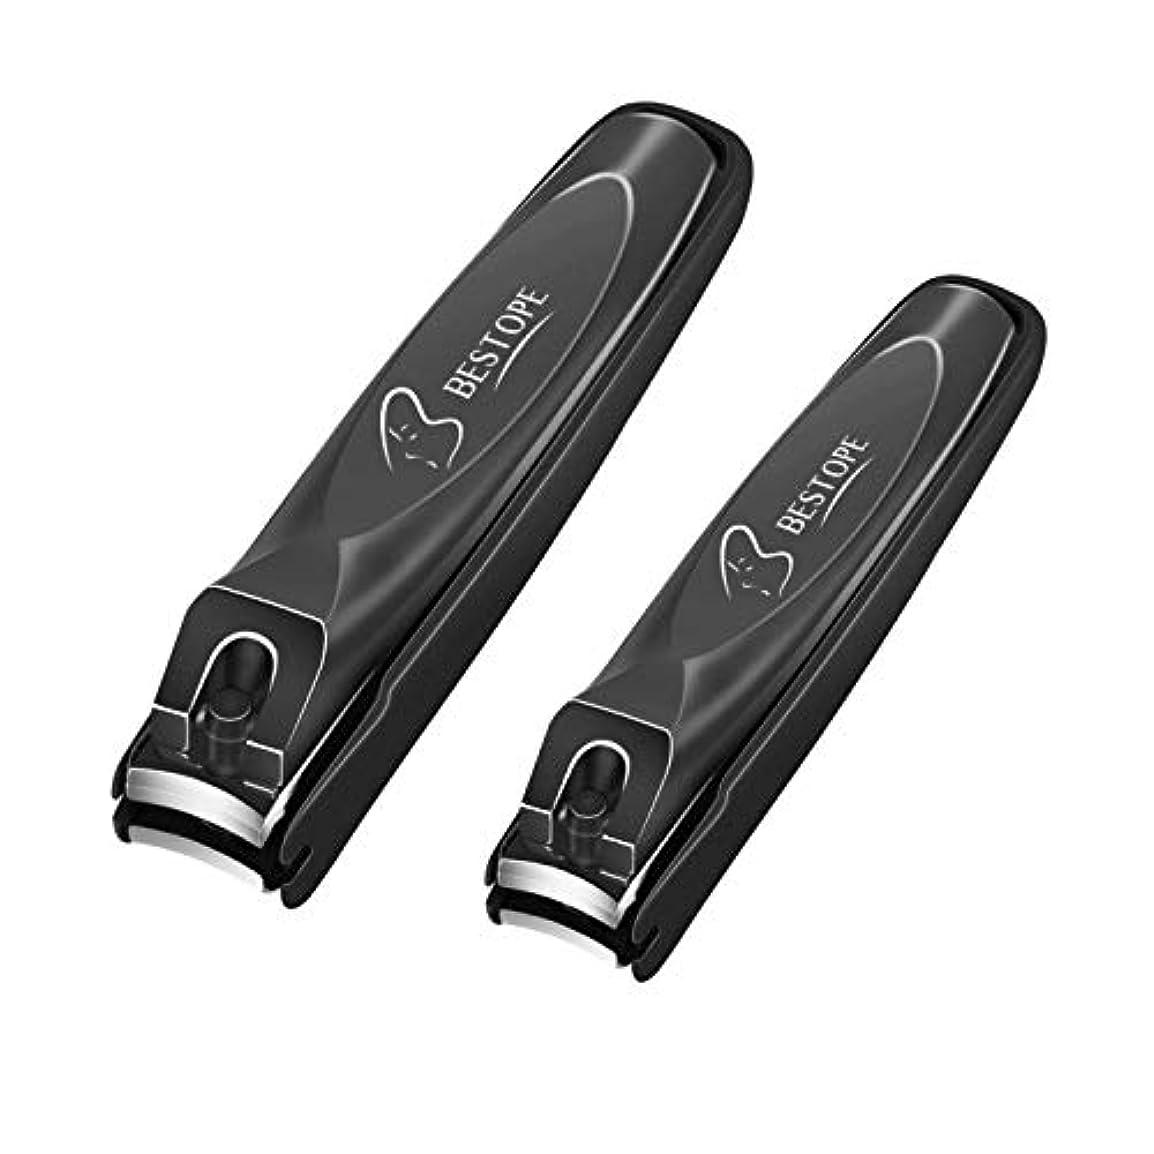 認可捨てる神秘BESTOPE 爪切り カバー付き ステンレス鋼製 爪やすり付き 飛び散り防止 手足用 2本セット